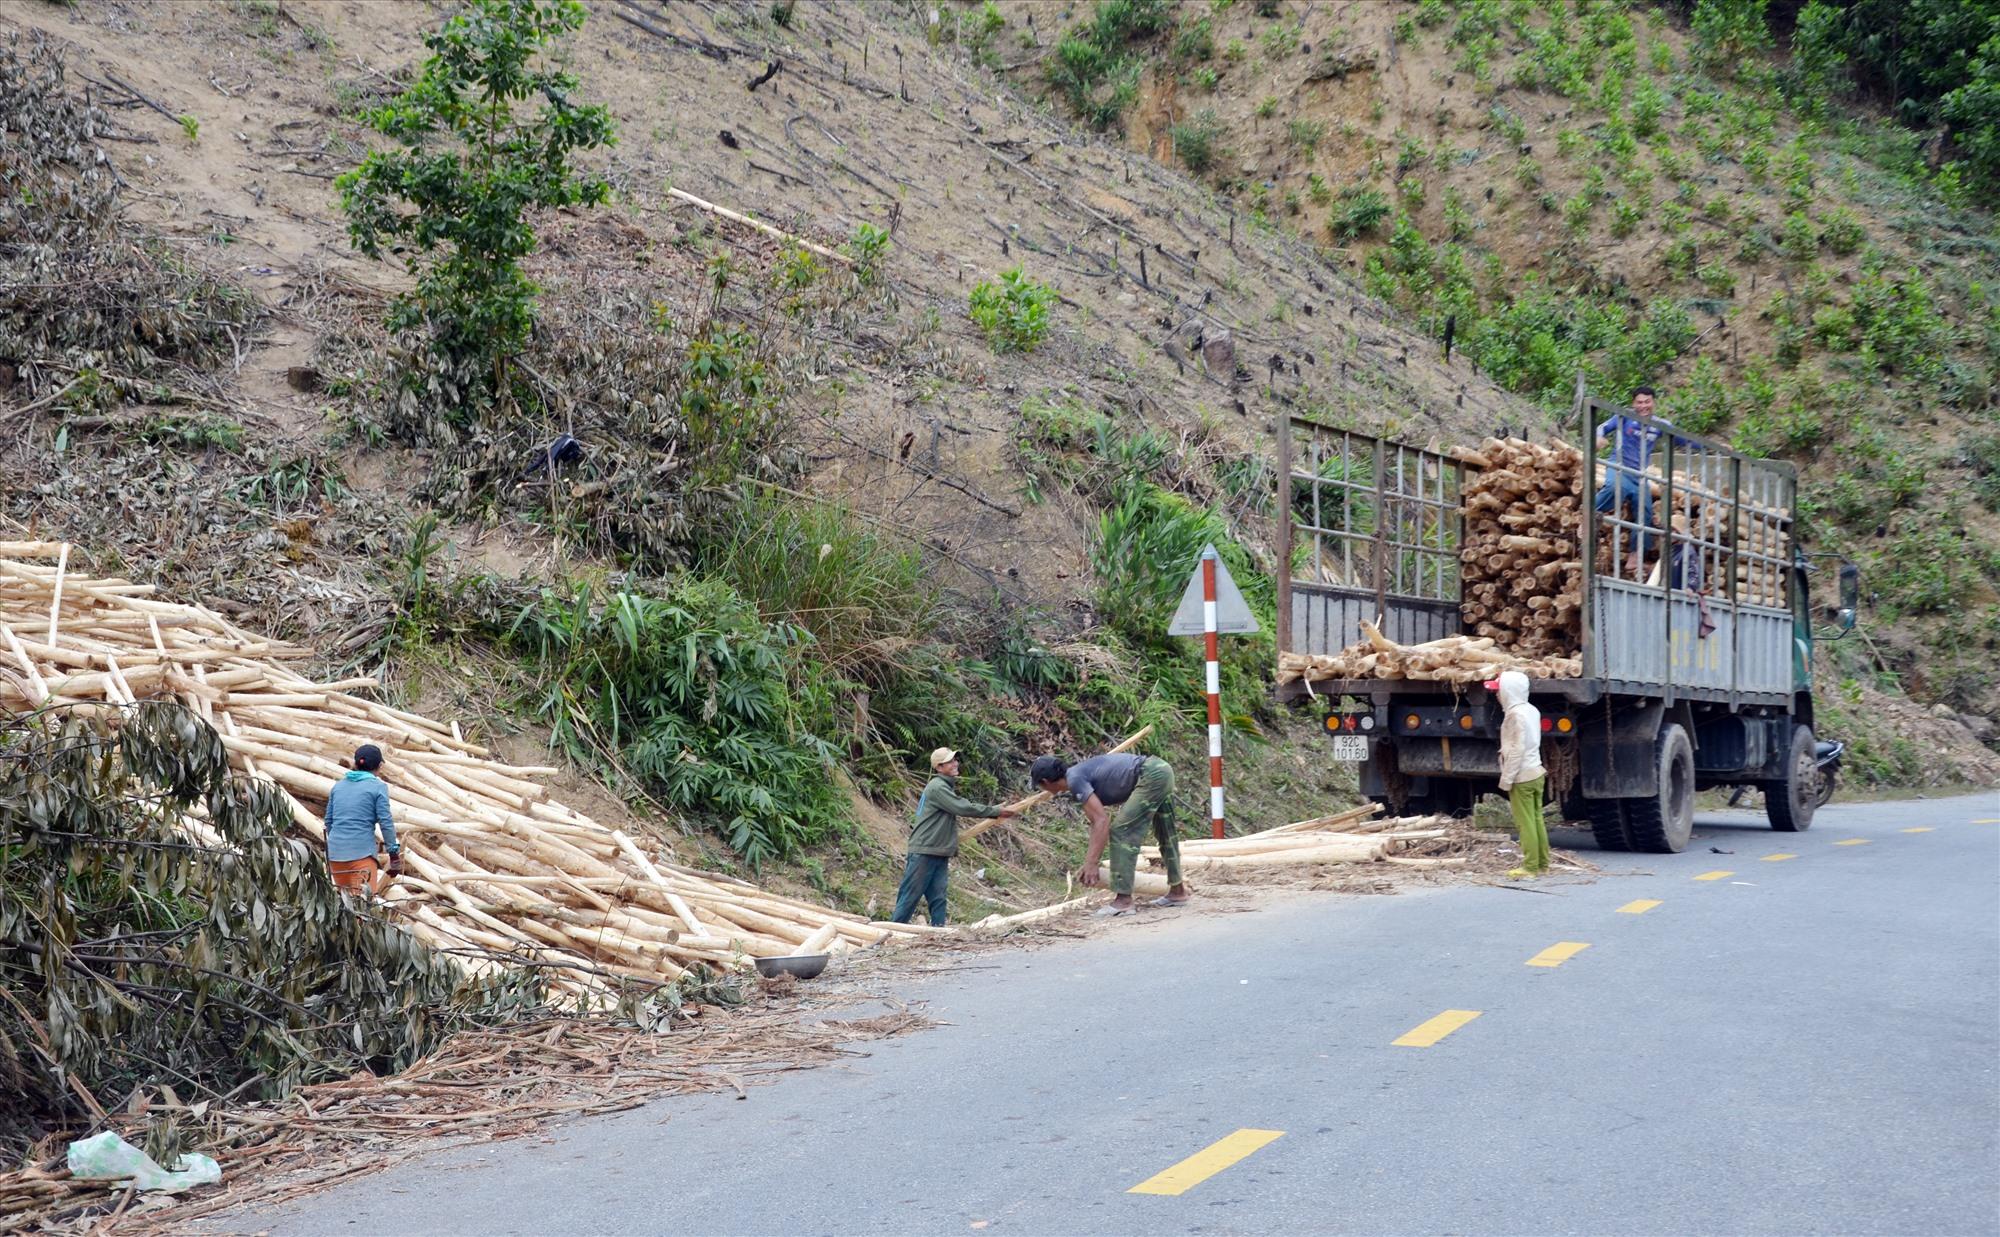 Phát triển mạnh rừng trồng sản xuất đã làm giảm chức năng phòng hộ của rừng tự nhiên. TRONG ẢNH: Khai thác keo ở xã Trà Tập (Nam Trà My). Ảnh: H.P